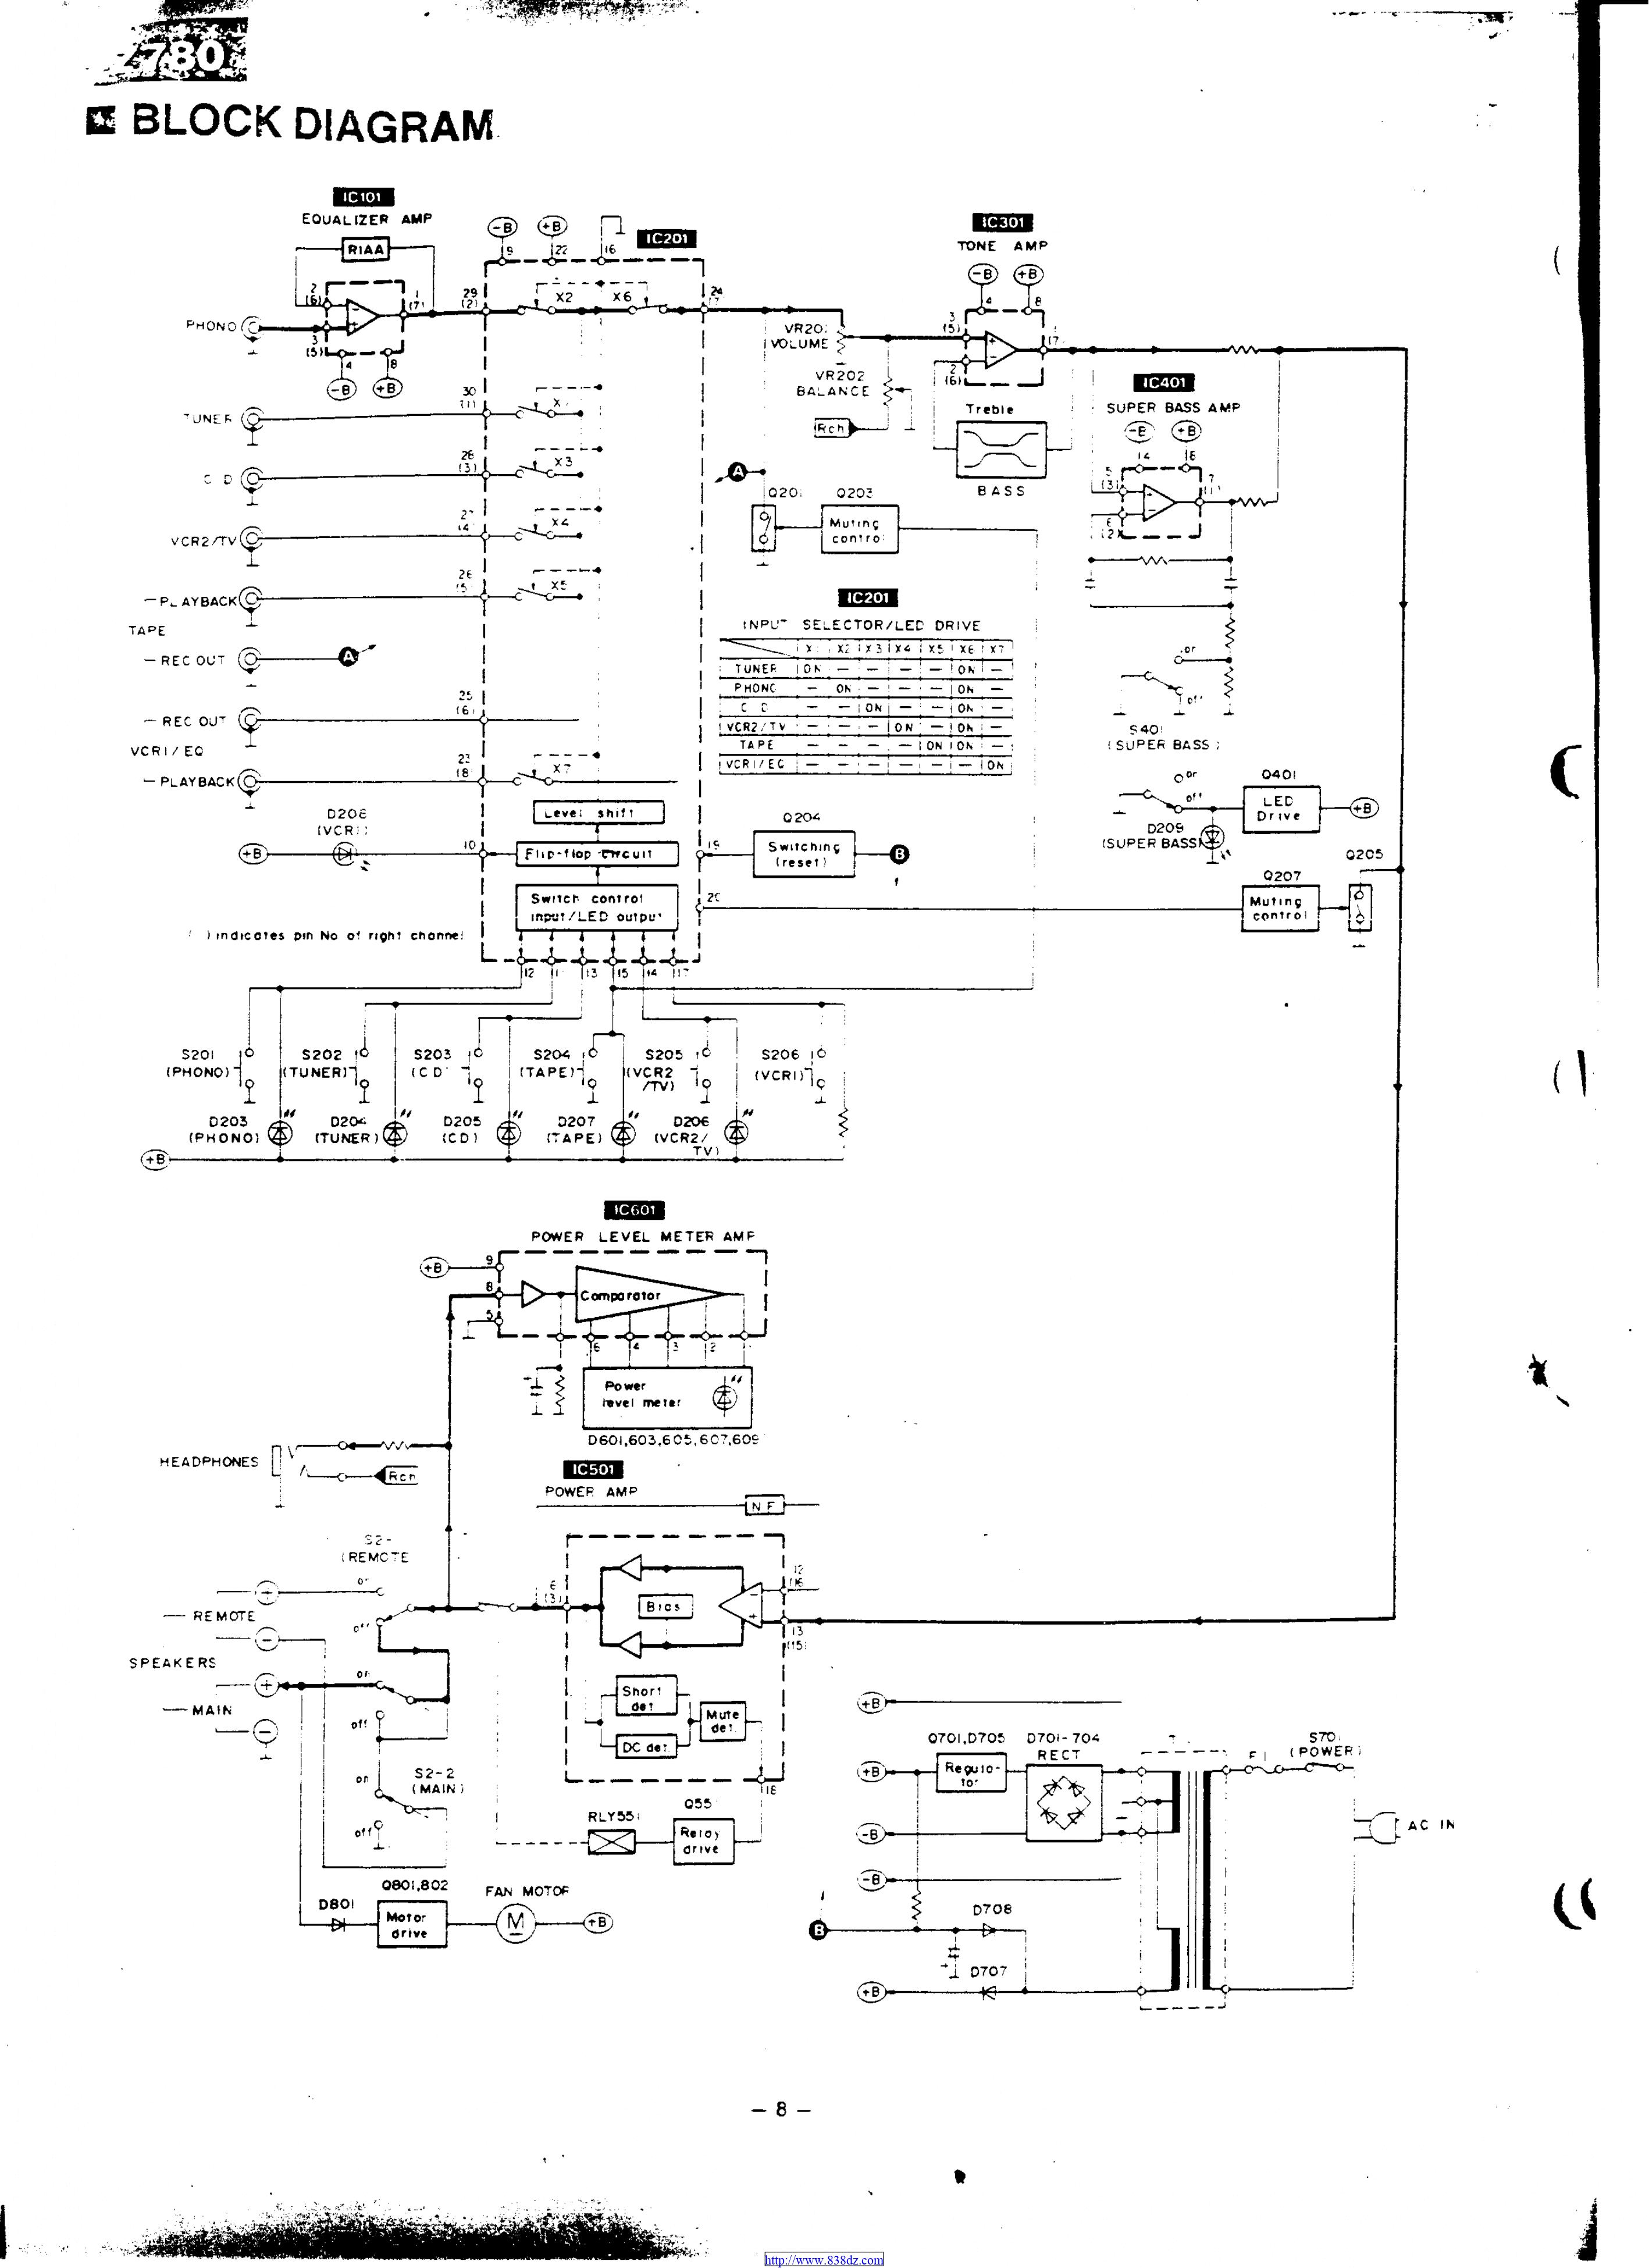 Technics松下 SU-Z780维修电路图纸